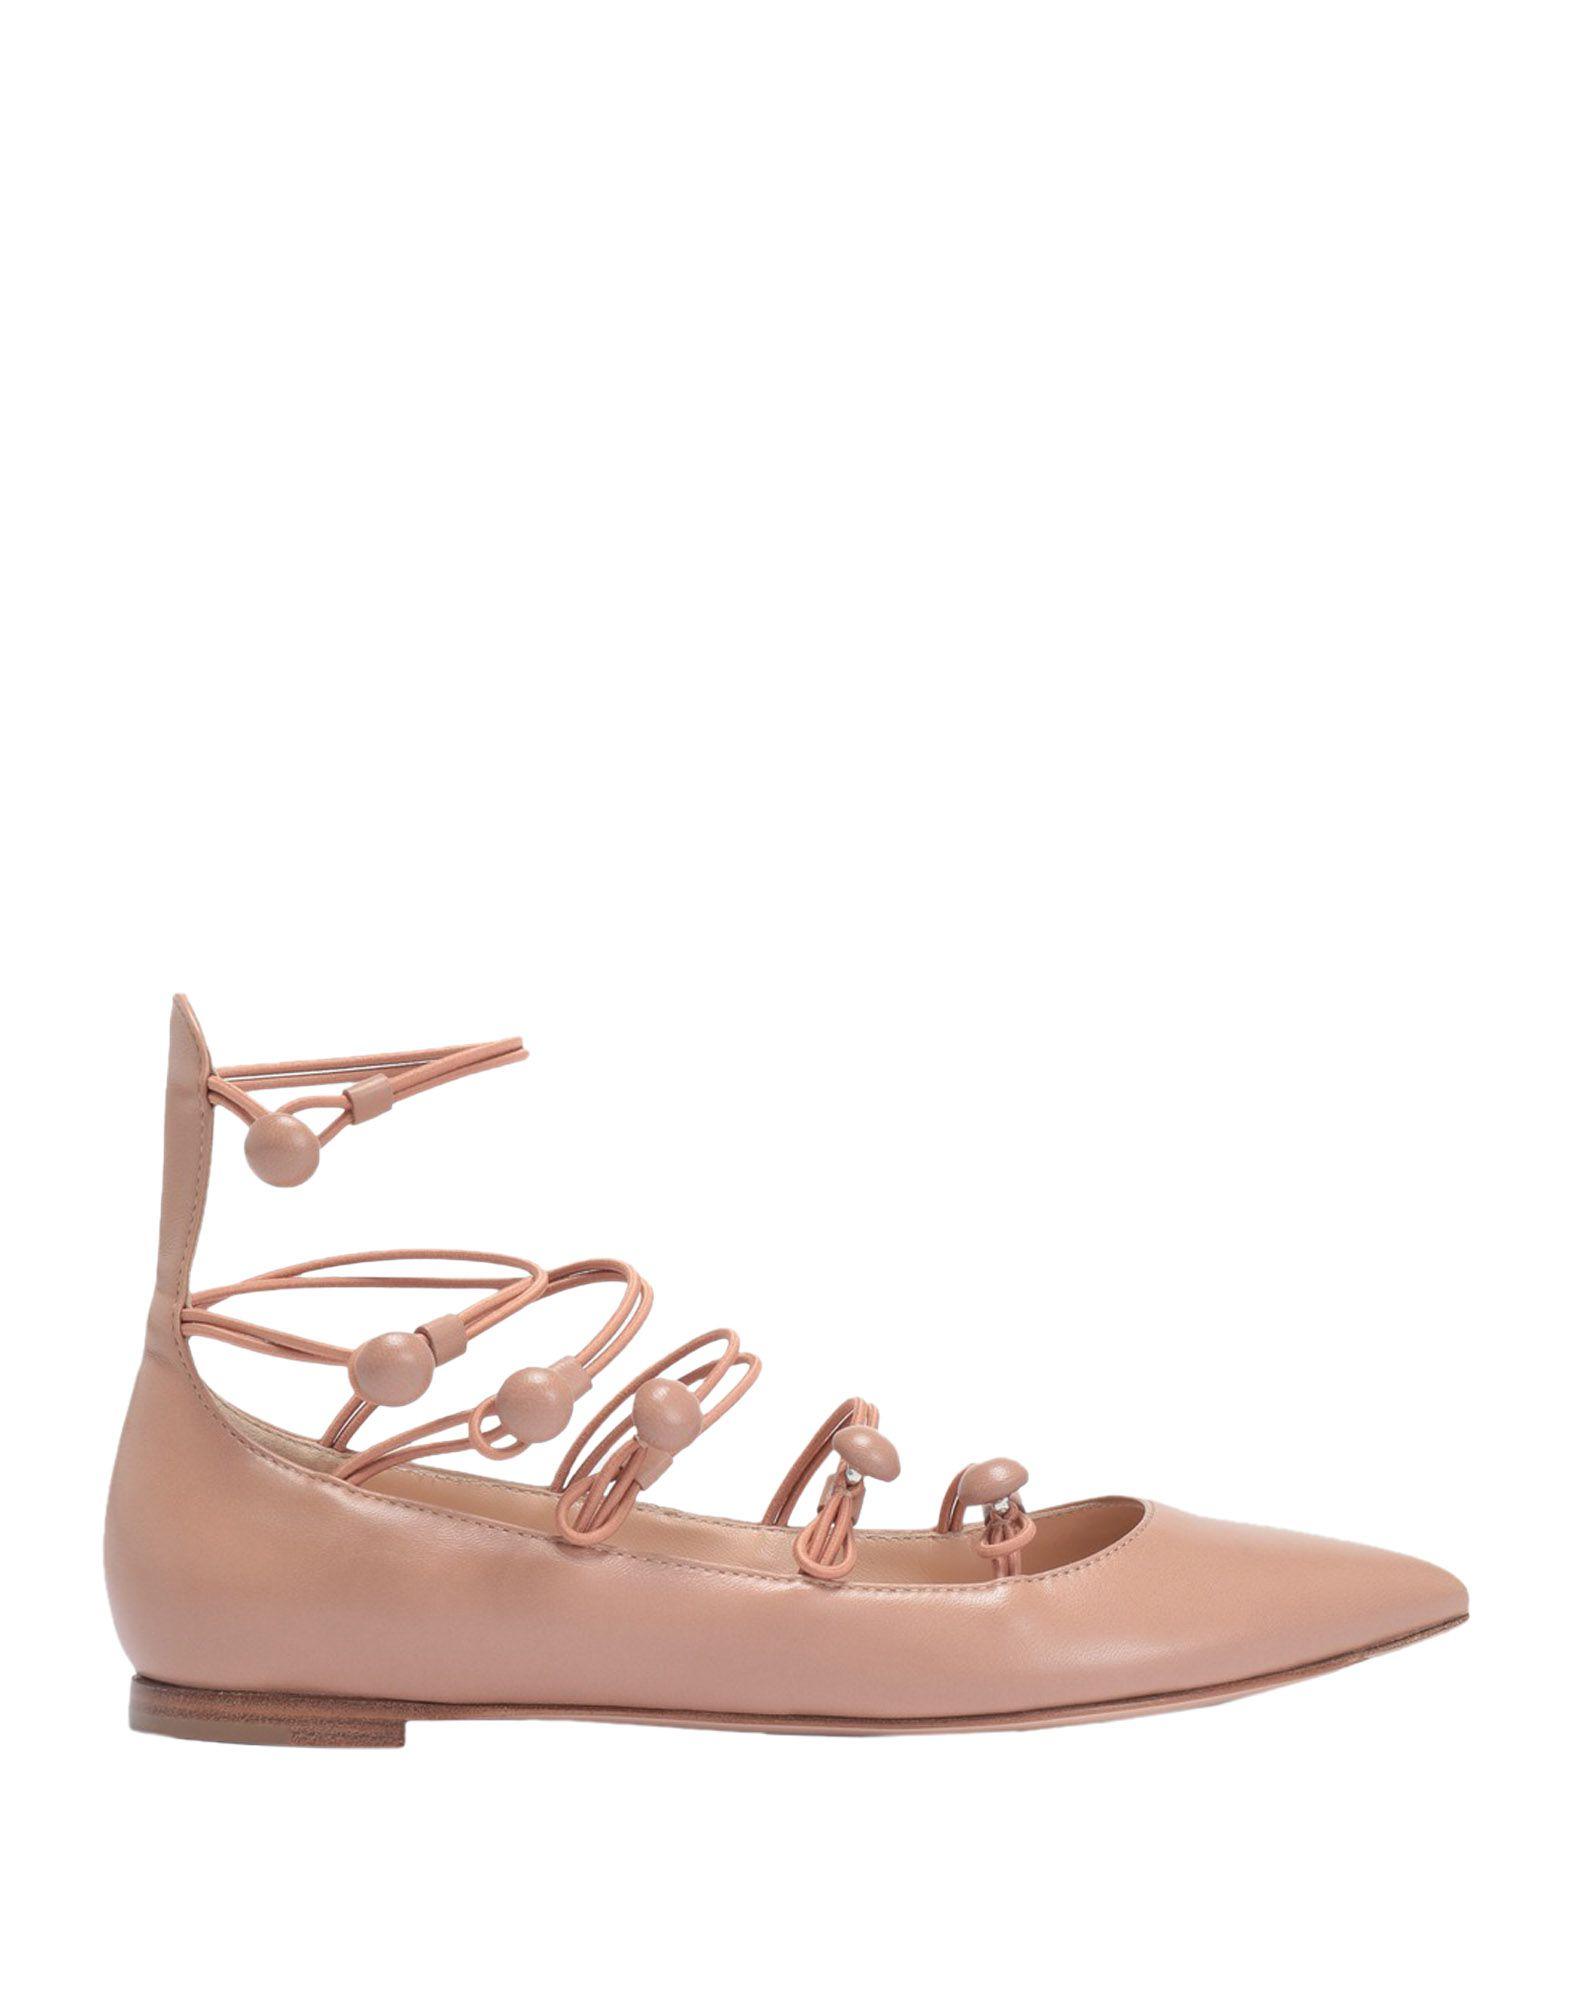 Gianvito Rossi 11528245VCGünstige Ballerinas Damen  11528245VCGünstige Rossi gut aussehende Schuhe c2ac10